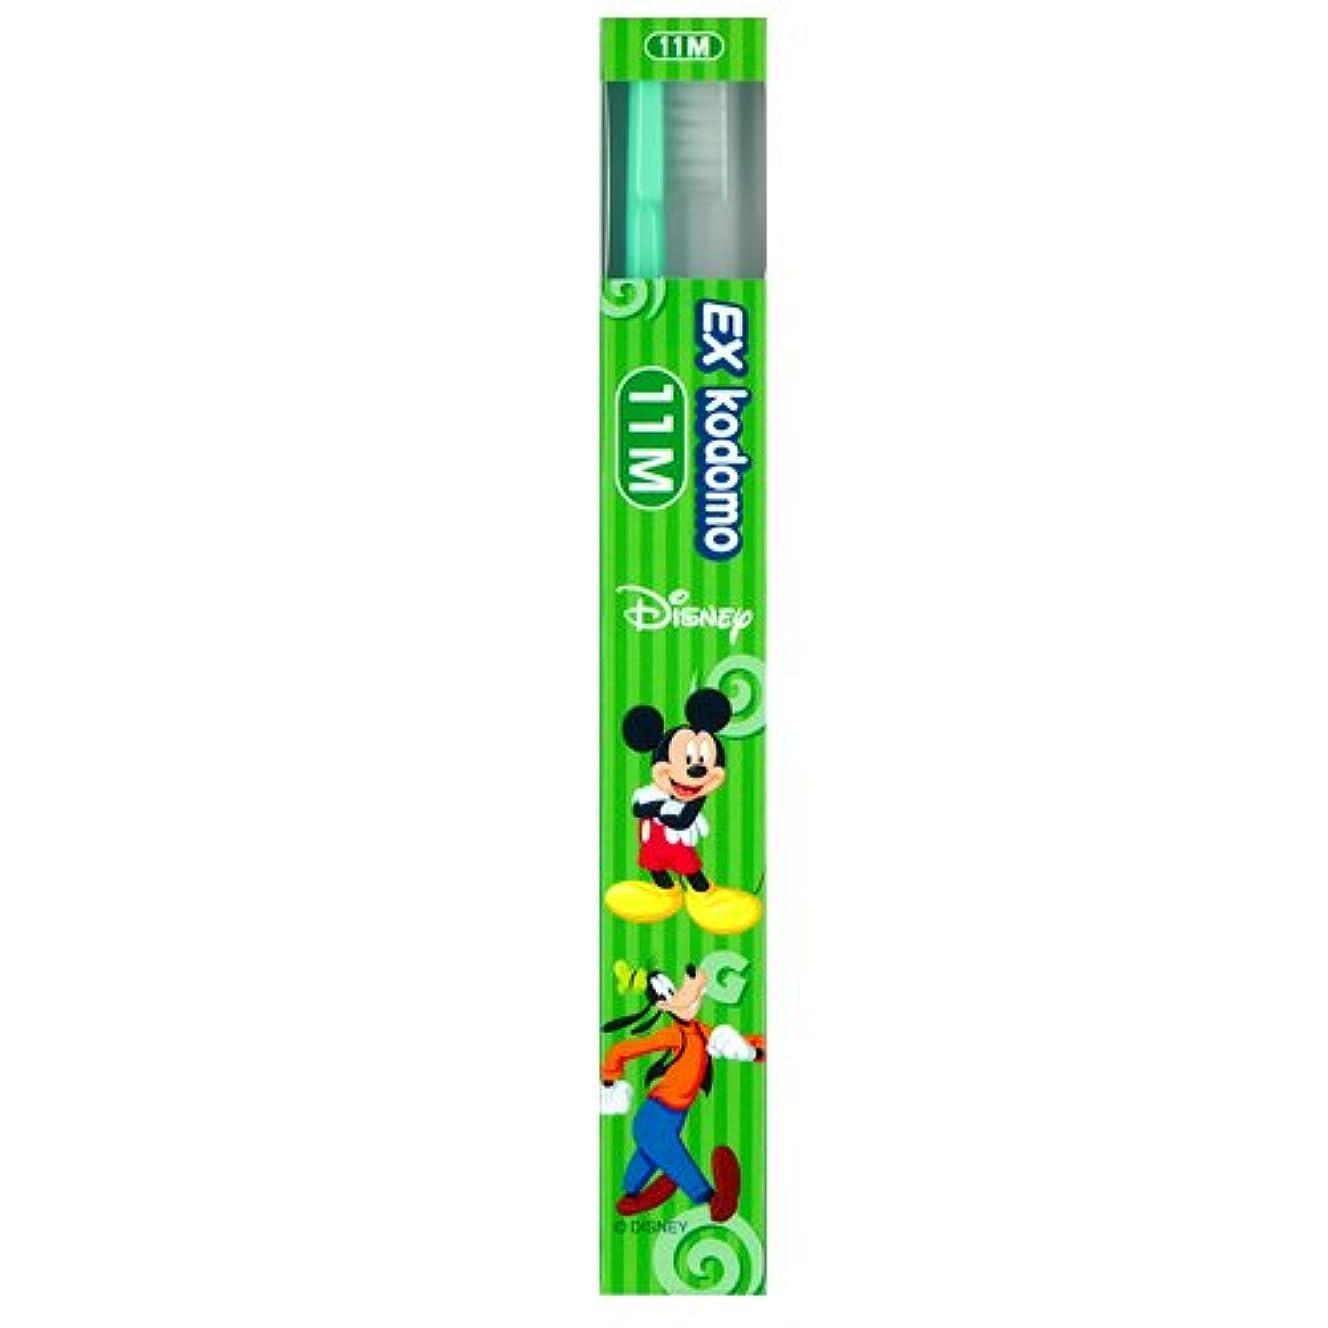 メニューホップ期限ライオン EX kodomo ディズニー 歯ブラシ 1本 11M グリーン